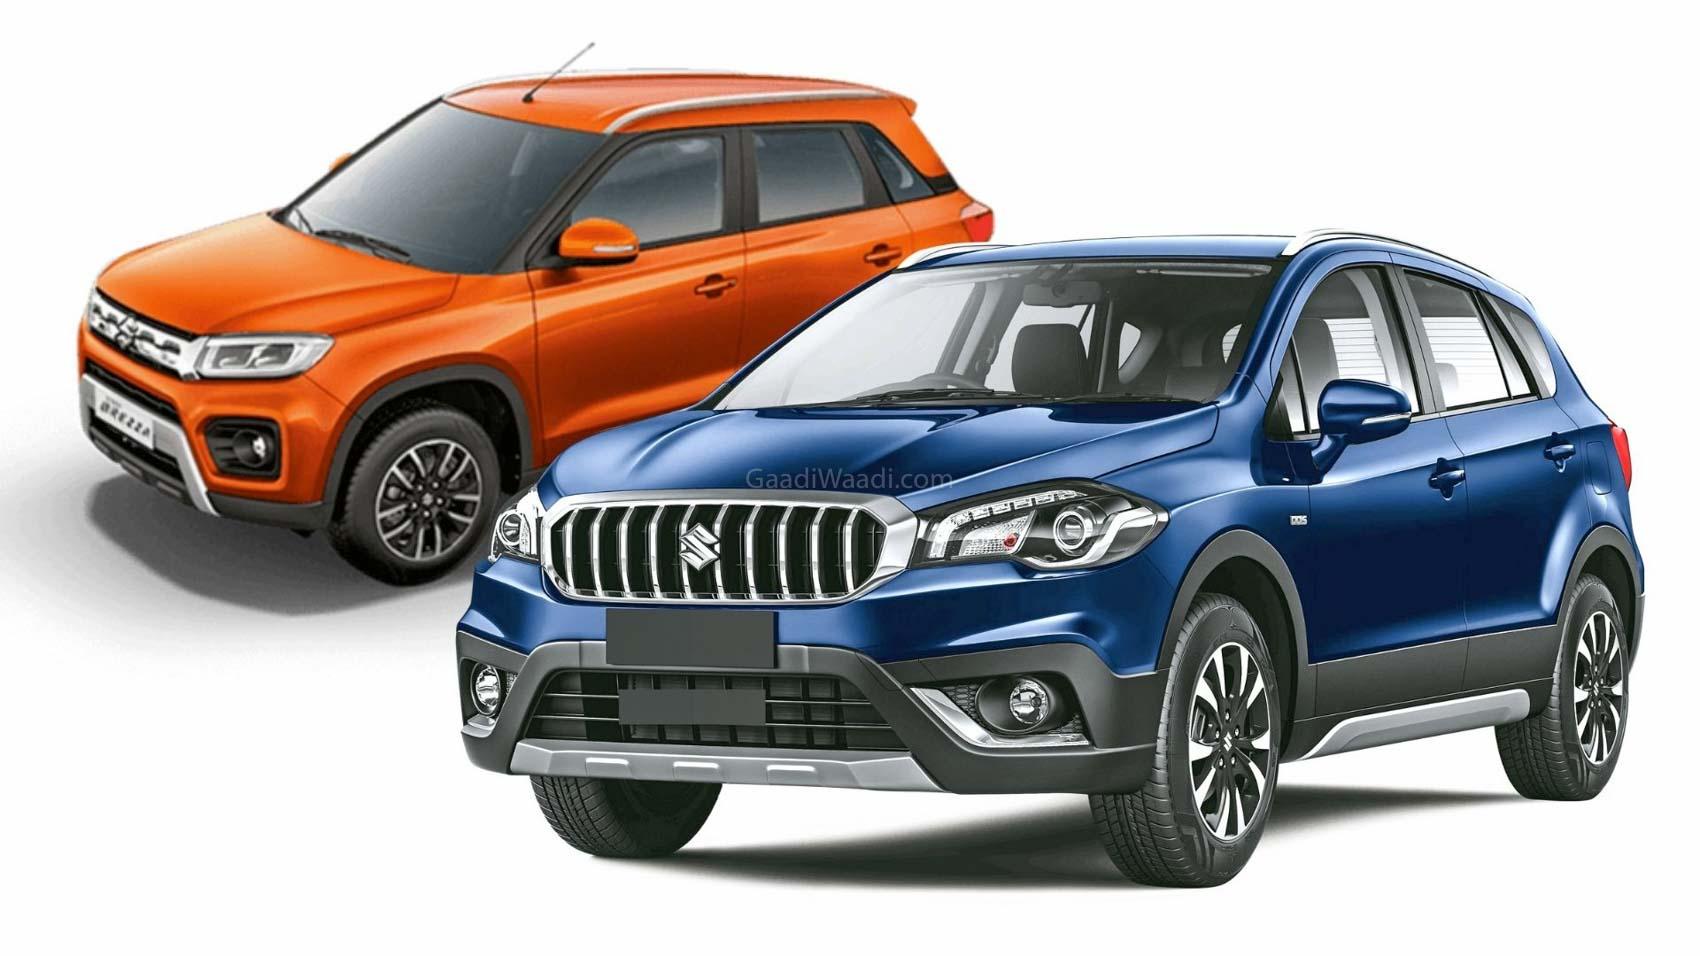 Maruti Suzuki Sold Around 95,000 Vehicles During Navratri In Oct 2020 - GaadiWaadi.com